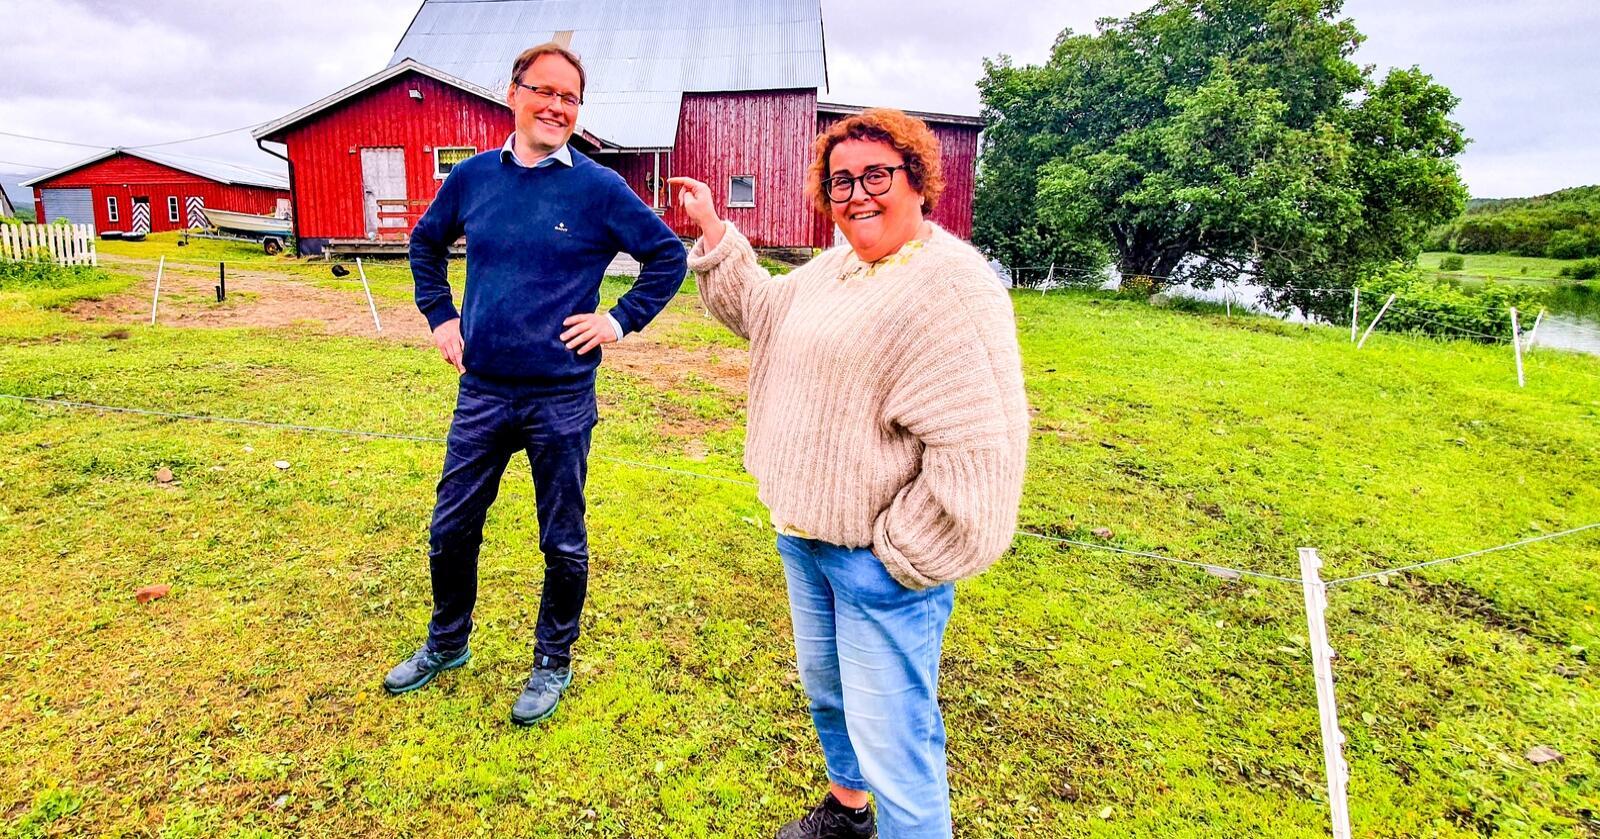 Landbruks- og matminister, og nestleder i KrF, Olaug Bollestad besøkte i forrige uke gården til sin egen statssekretær Widar Skogan i Balsfjord, for å markere at regjeringsperioden med KrF går mot slutten og at valgkampen står for døra. Foto: Eskild Johansen